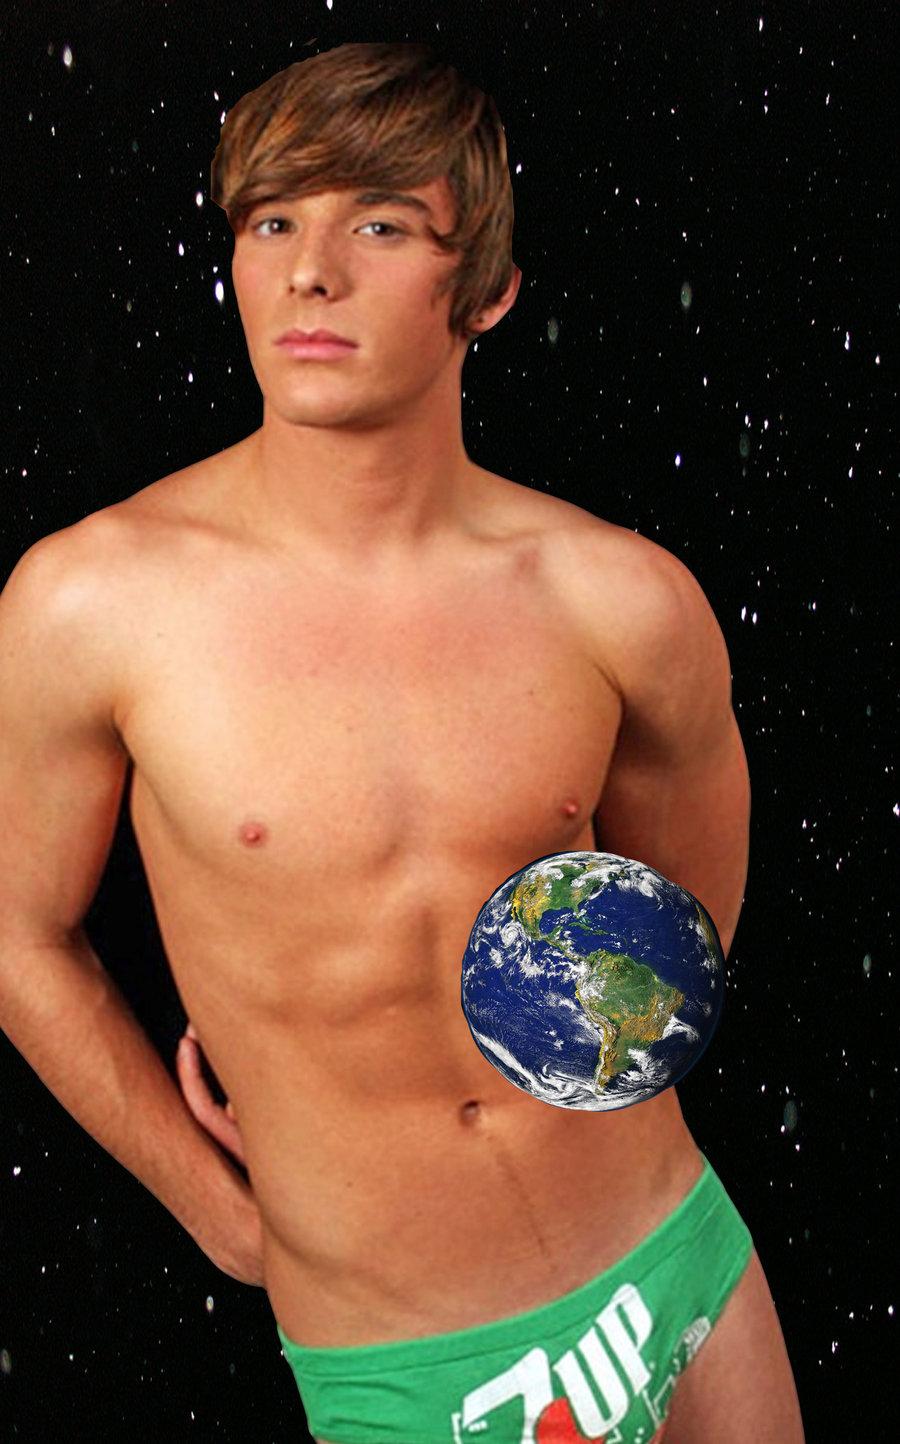 Actores Porno Mas Veteranos los 5 mejores actores porno gay americanos desnudos | cromosomax